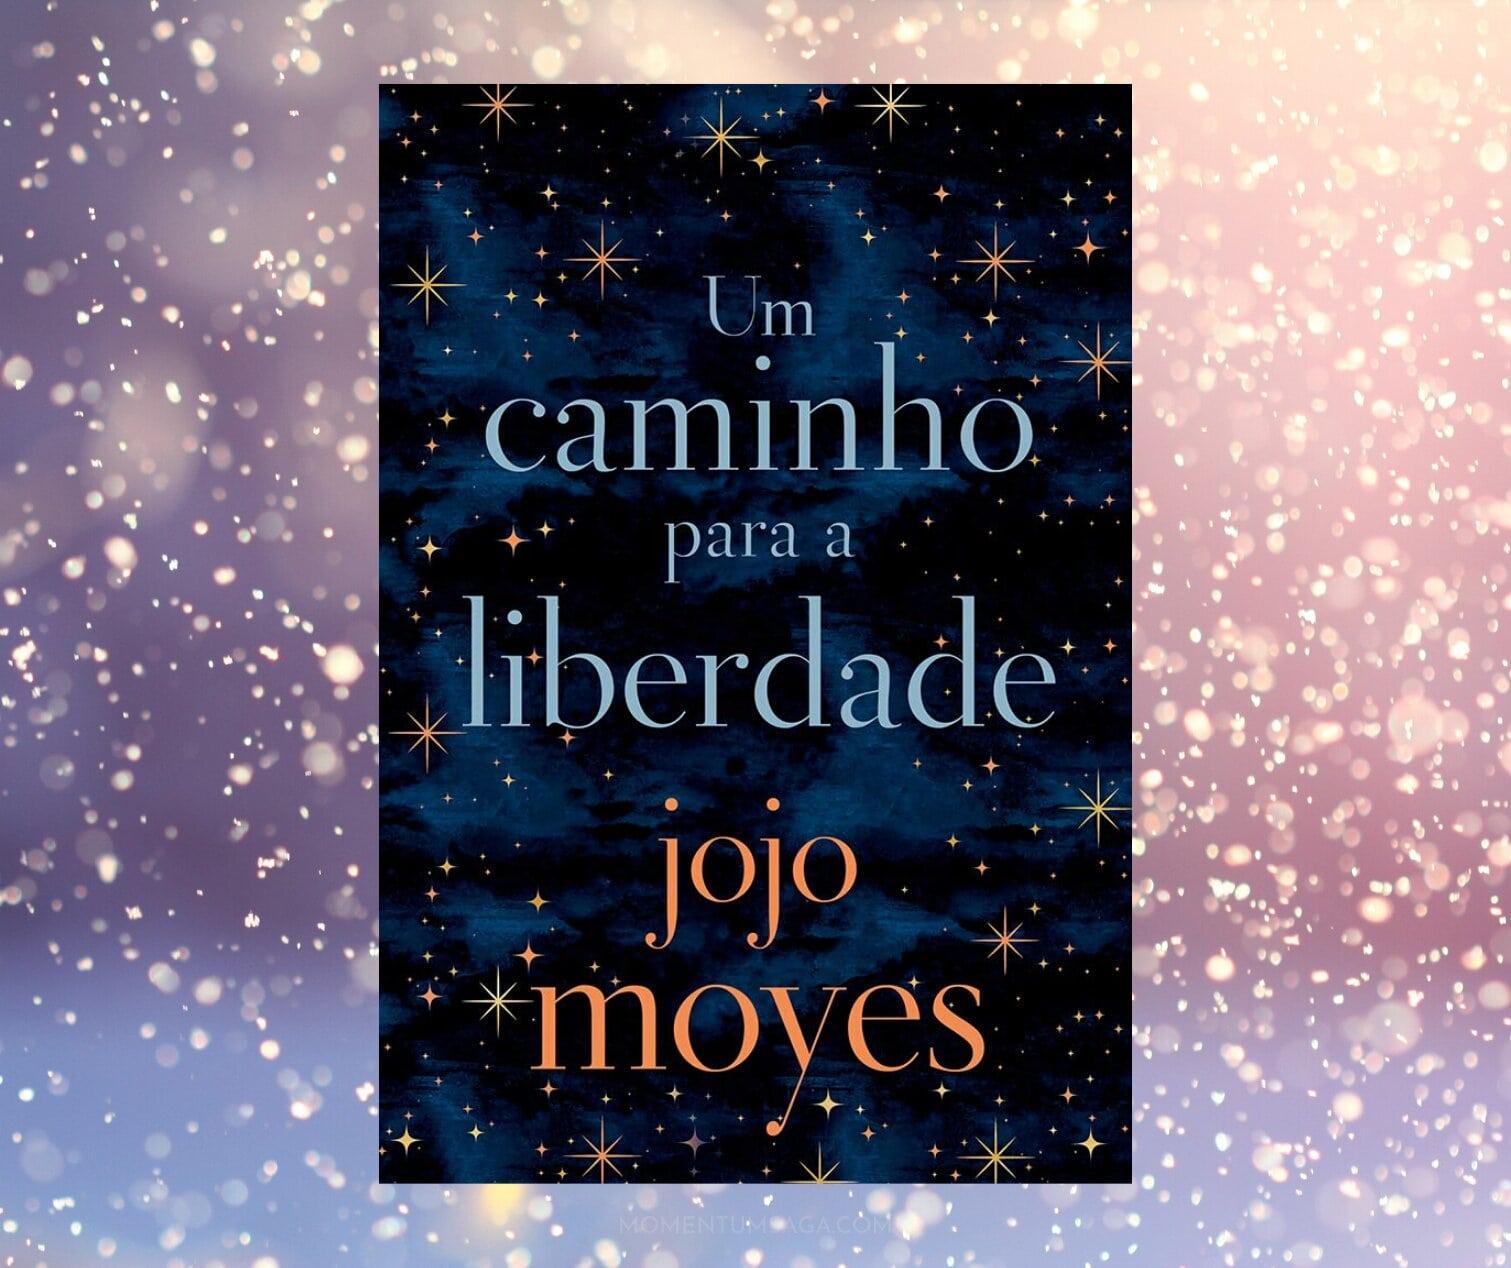 Resenha: Um caminho para a liberdade, de Jojo Moyes